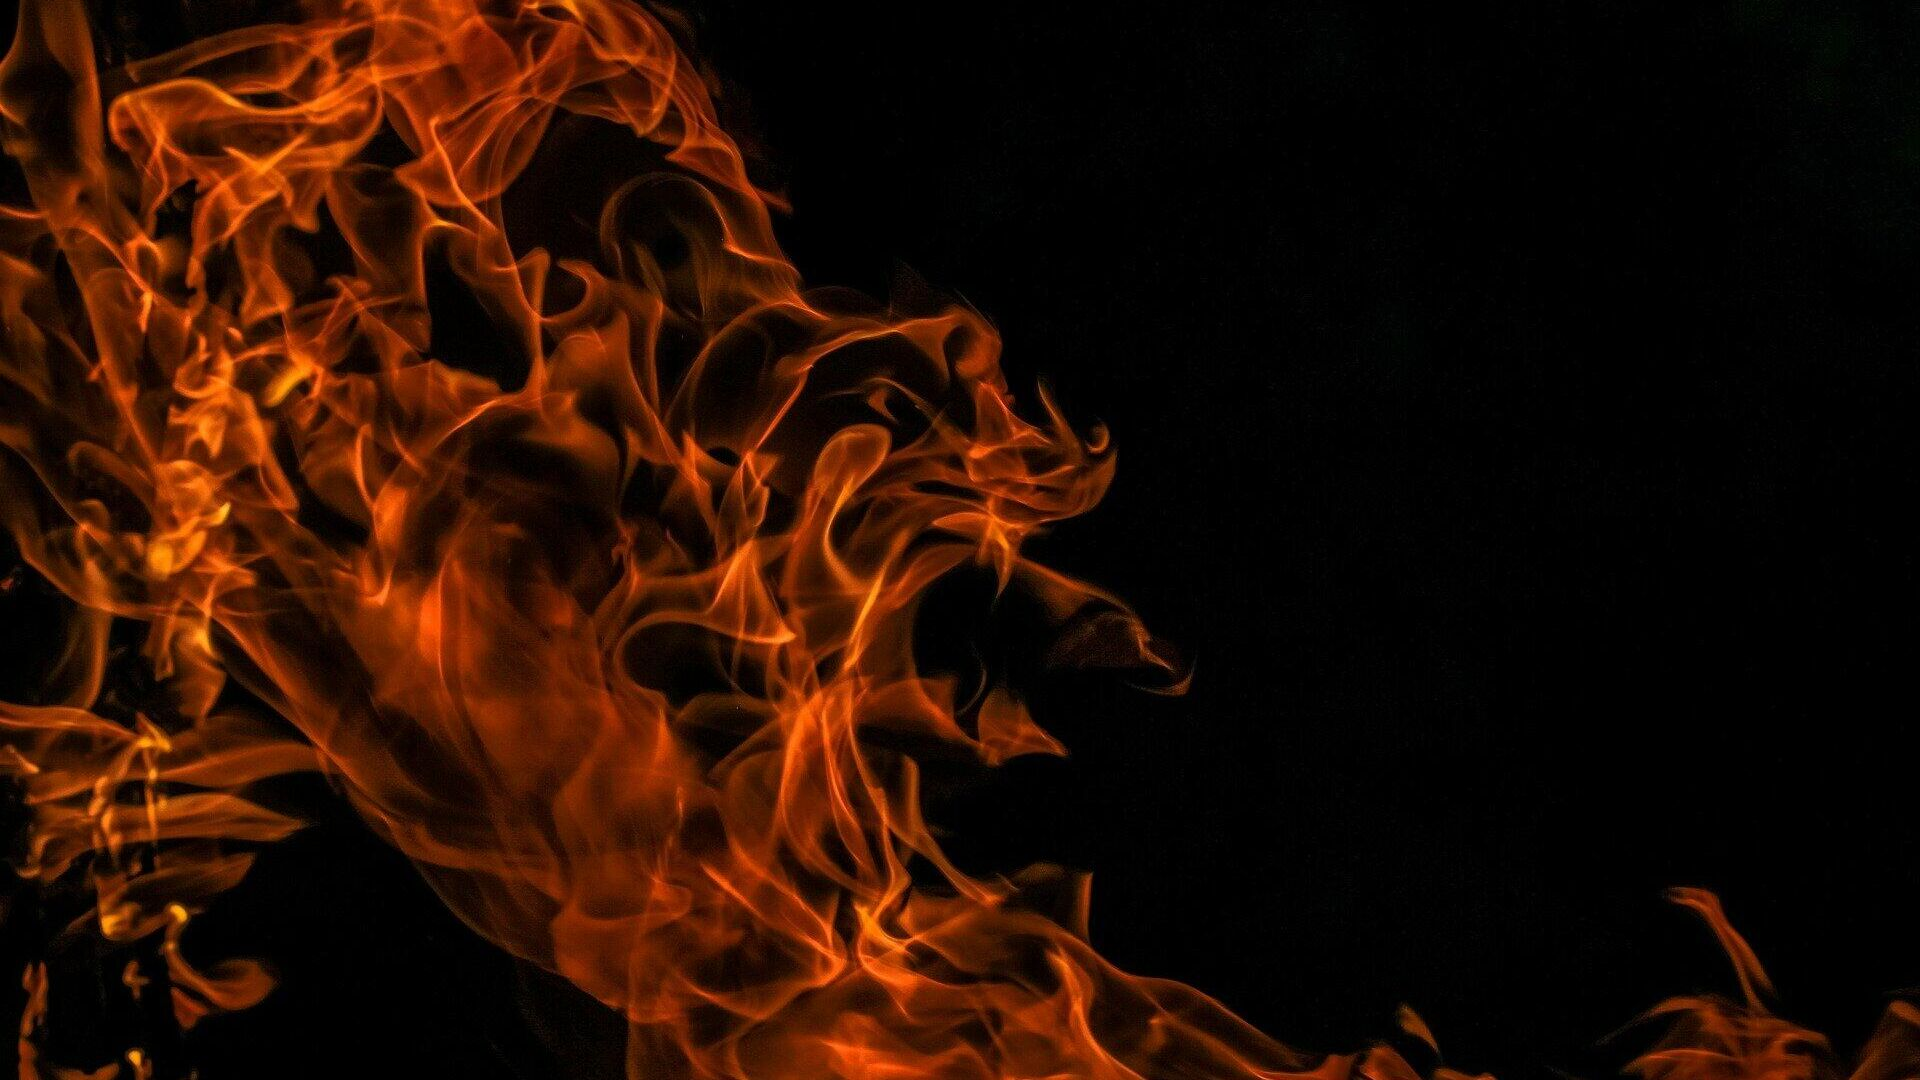 Fuego (imagen referencial) - Sputnik Mundo, 1920, 26.05.2021